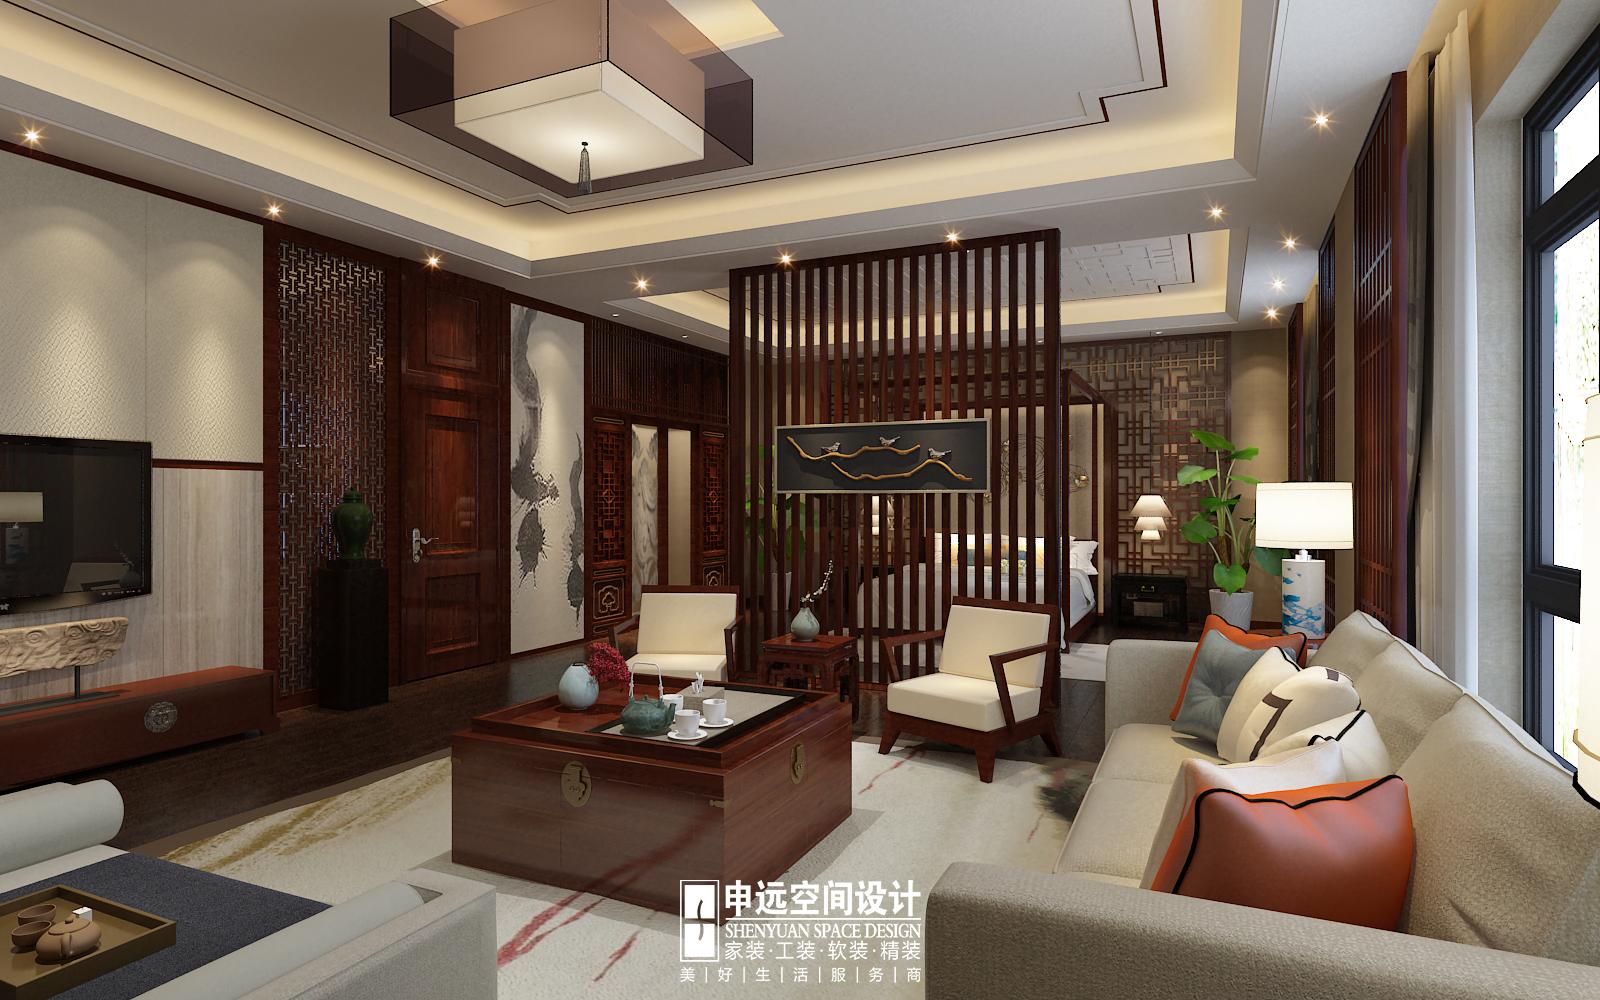 别墅 中式 古典别墅 申远 北京申远 客厅图片来自申远空间设计北京分公司在北京申远-古典中式风格的分享